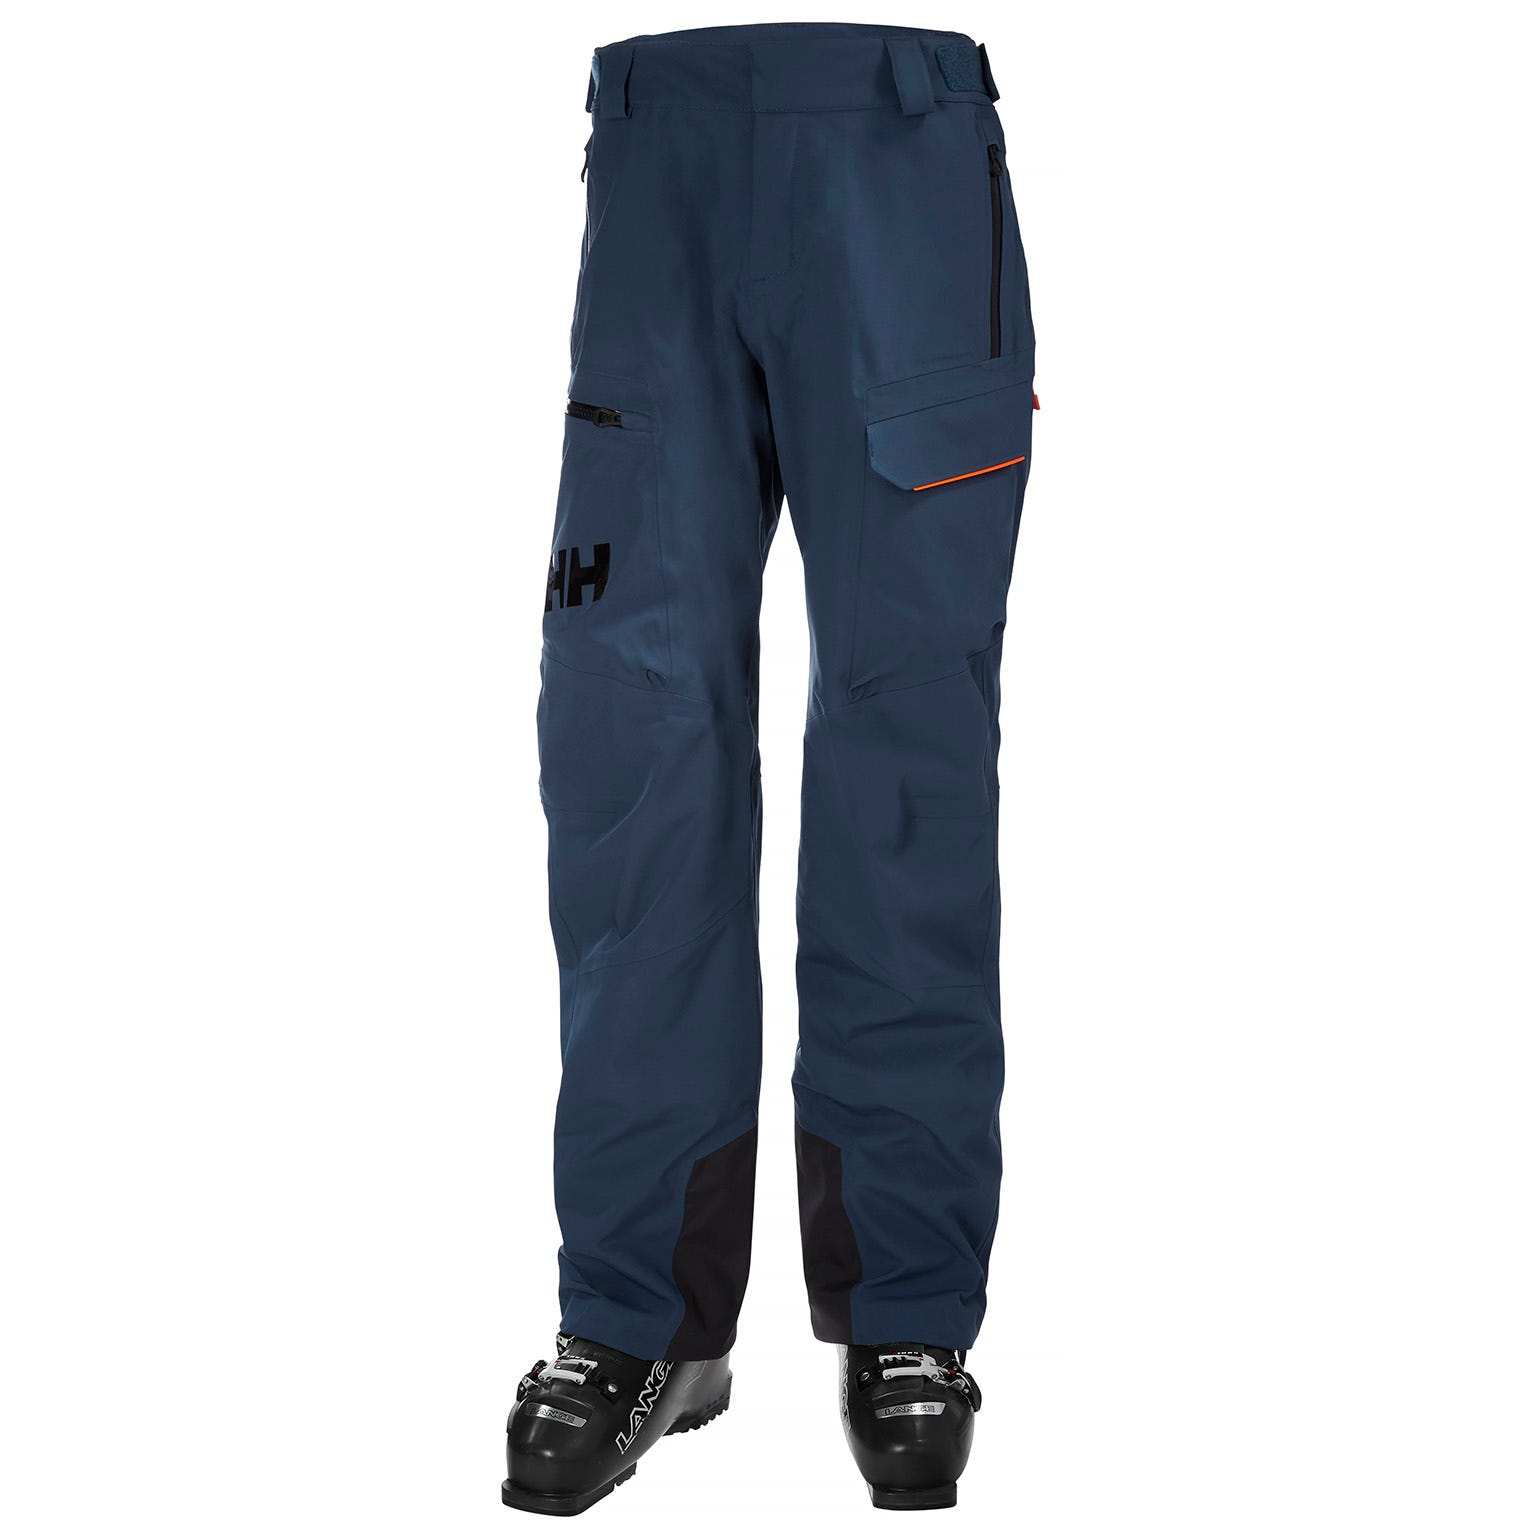 Mens Ridge Shell Durable Ski Trousers | Uk Helly Hansen Mens Trouser Navy XXL